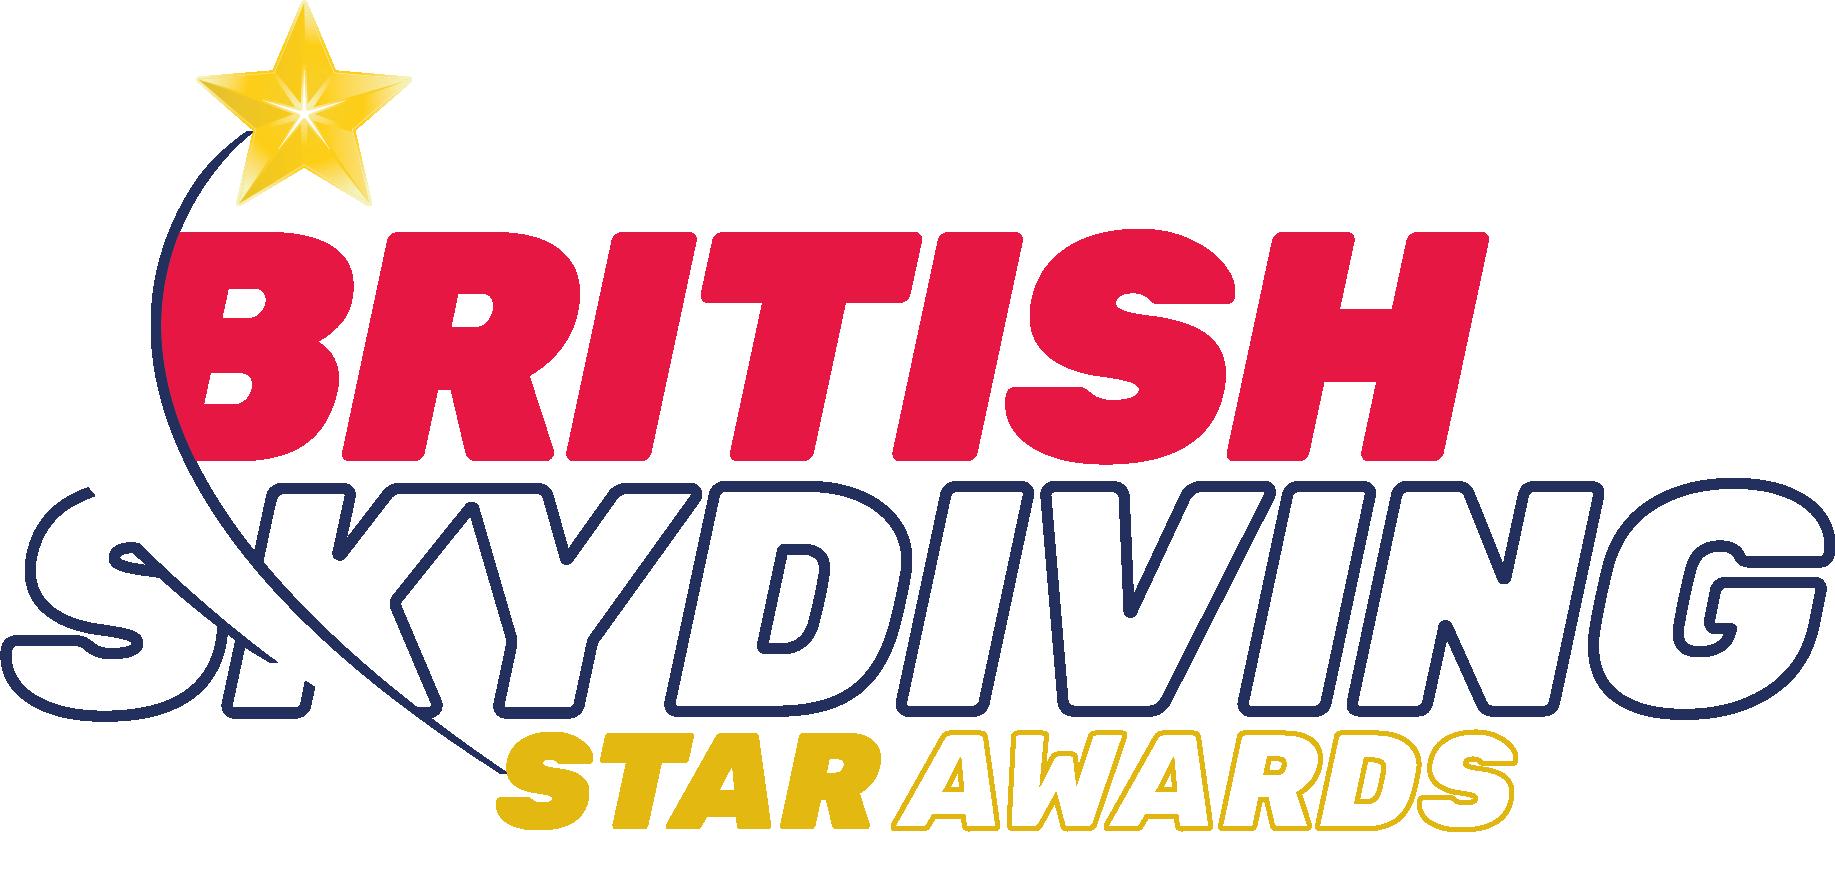 British_skydiving_Star Award-01